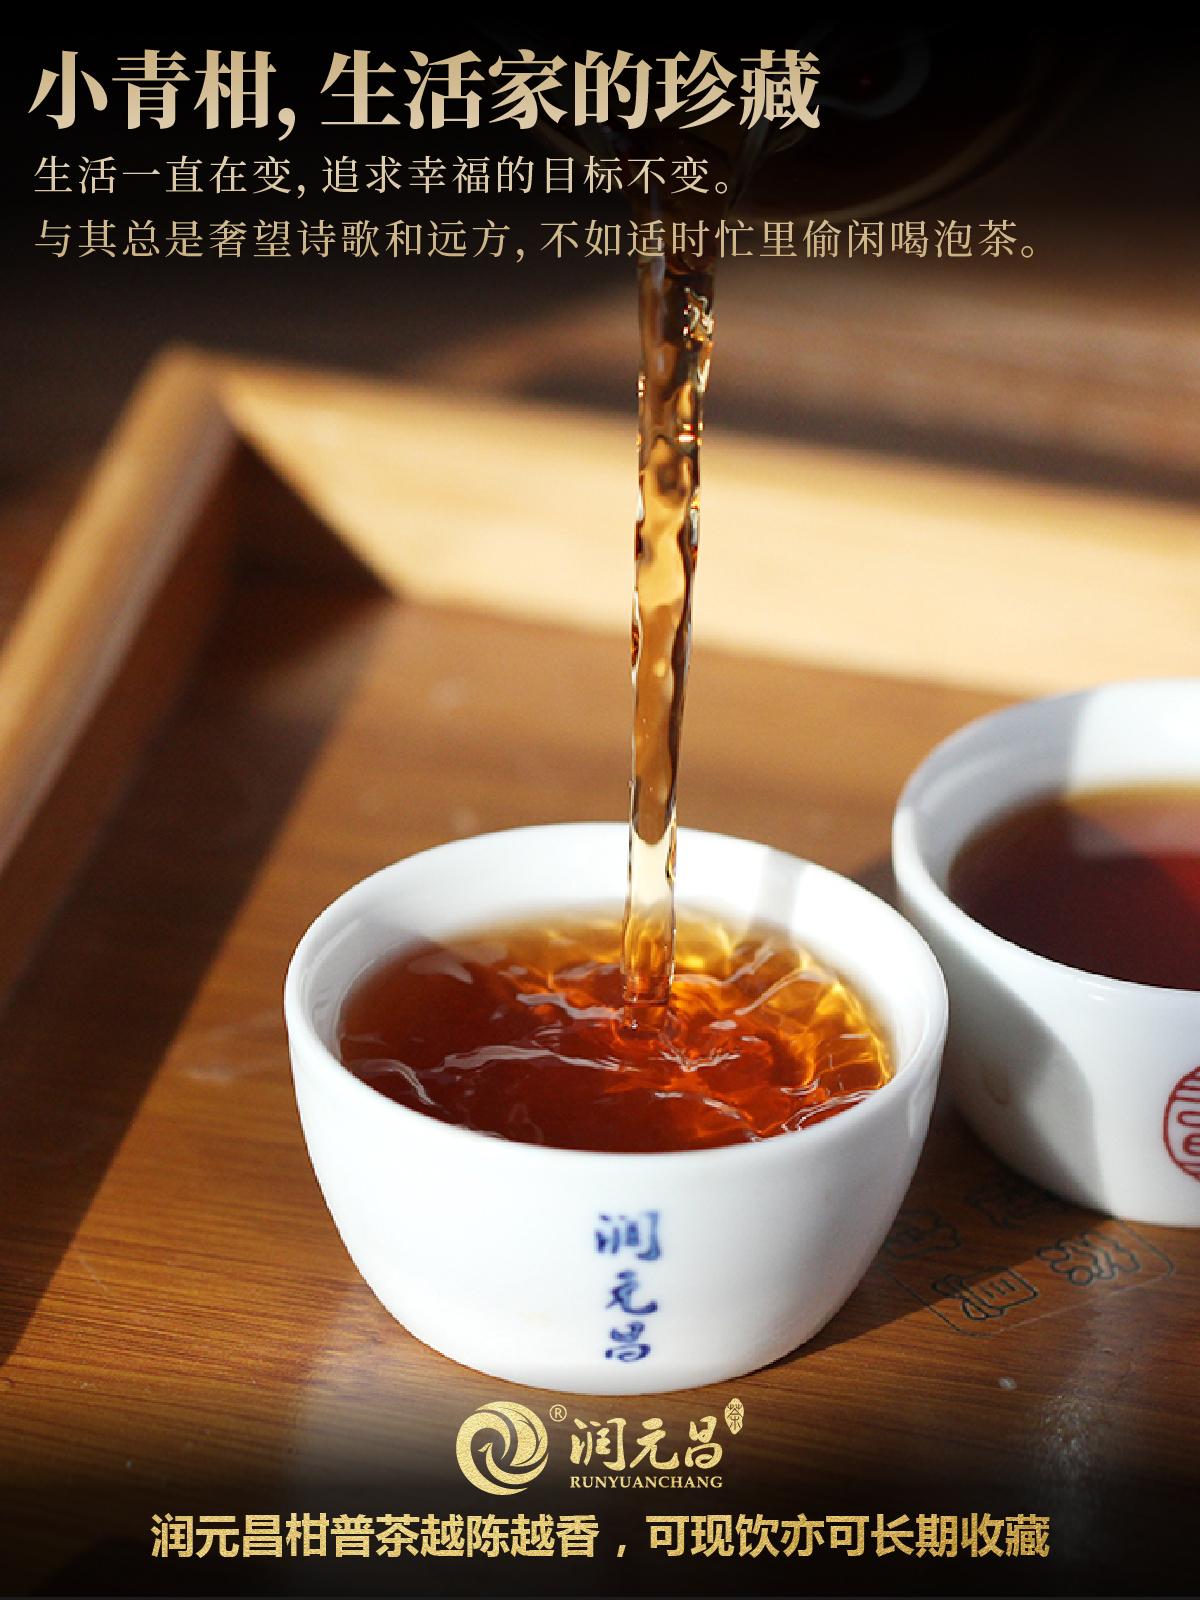 小青柑普洱茶與柑普茶的區別-口感